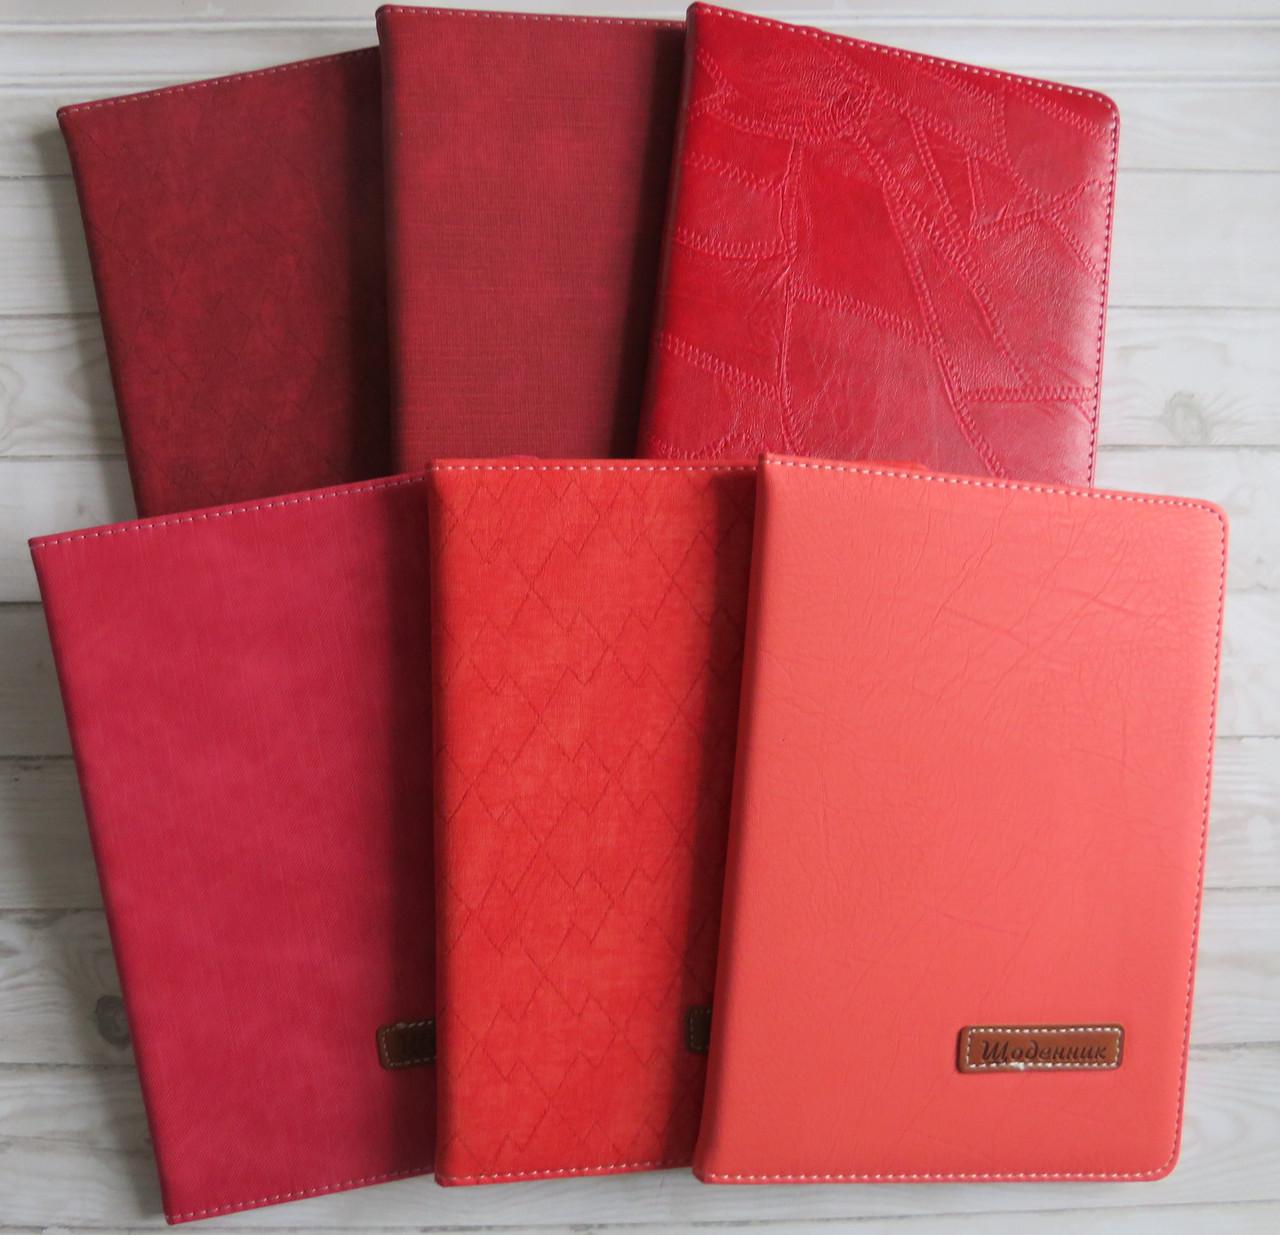 Школьный дневник, обложка экокожа красные и розовые оттенки